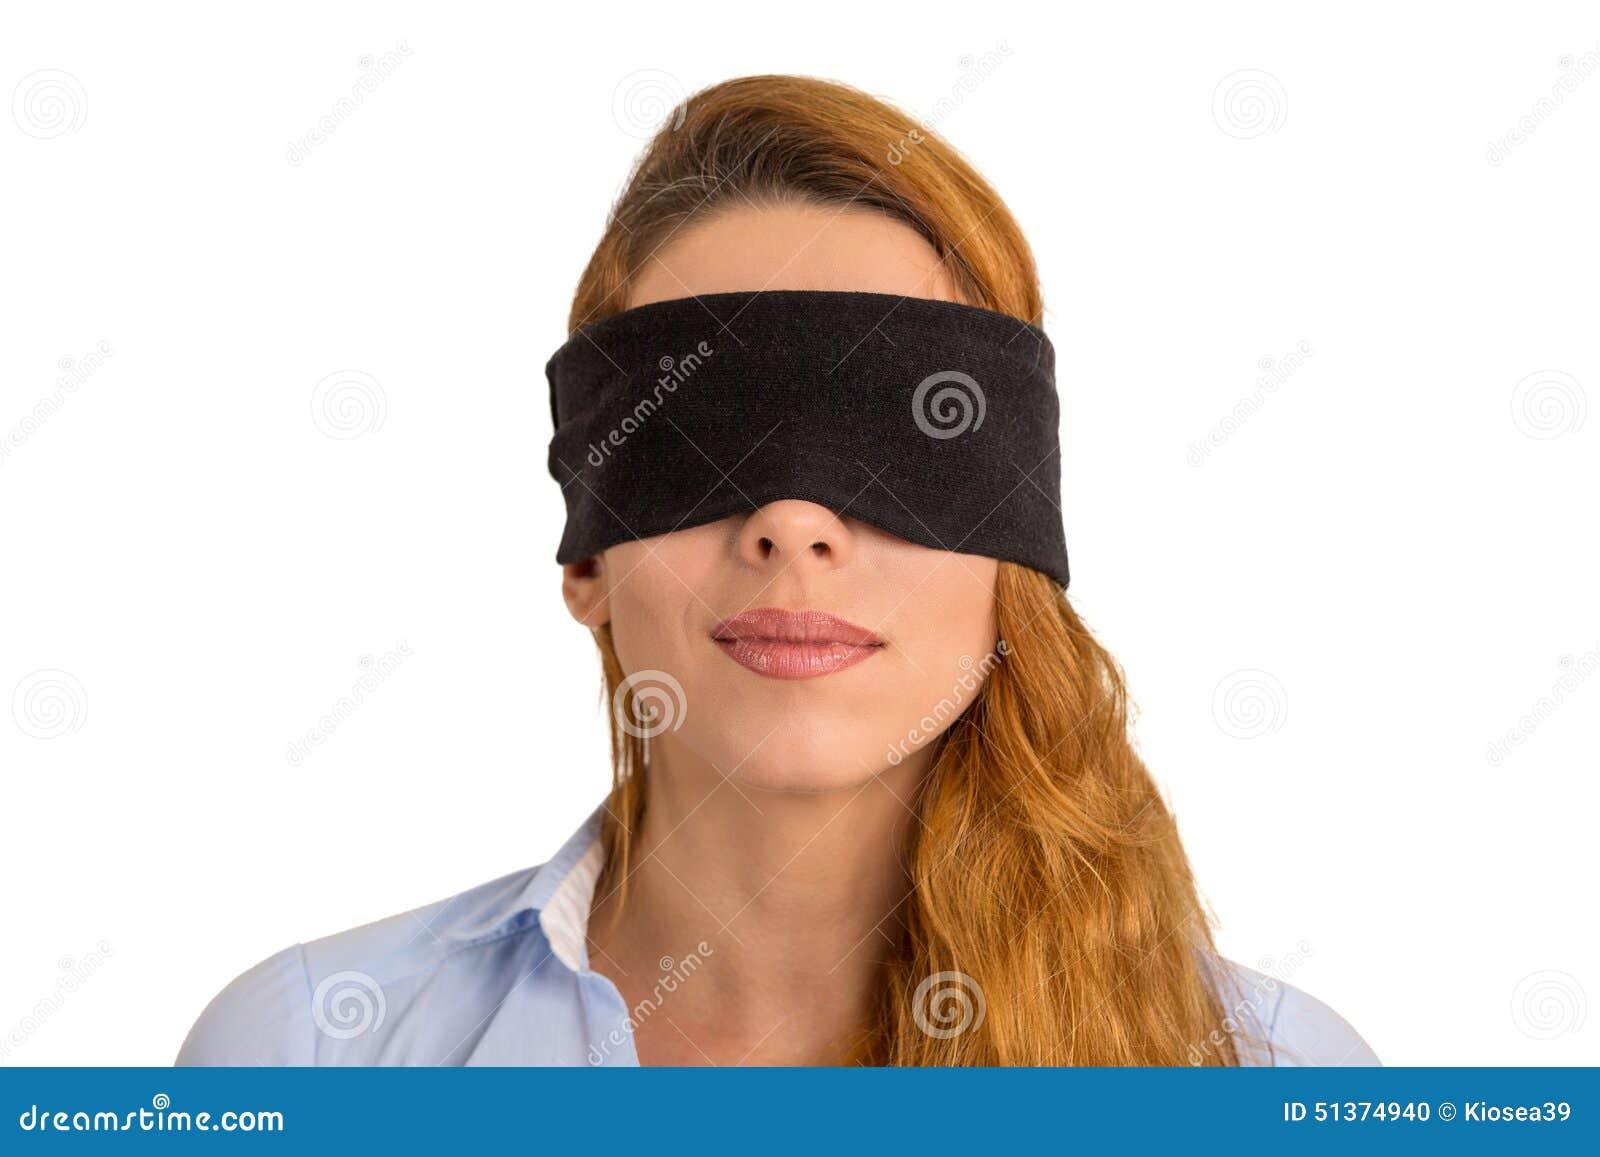 Fondo bianco isolato bendato gli occhi giovane donna del ritratto